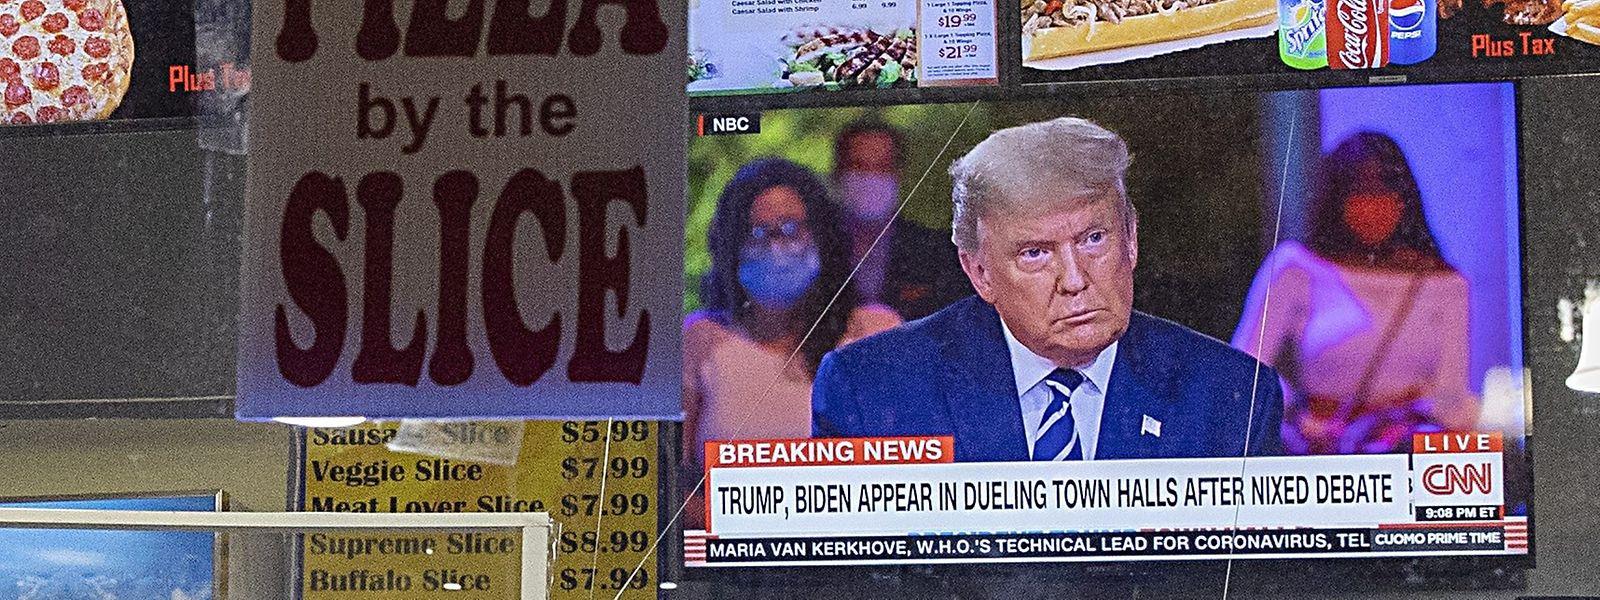 Le temps presse pour Donald Trump. A 19 jours de l'élection présidentielle, le candidat républicain est en retrait dans les sondages.